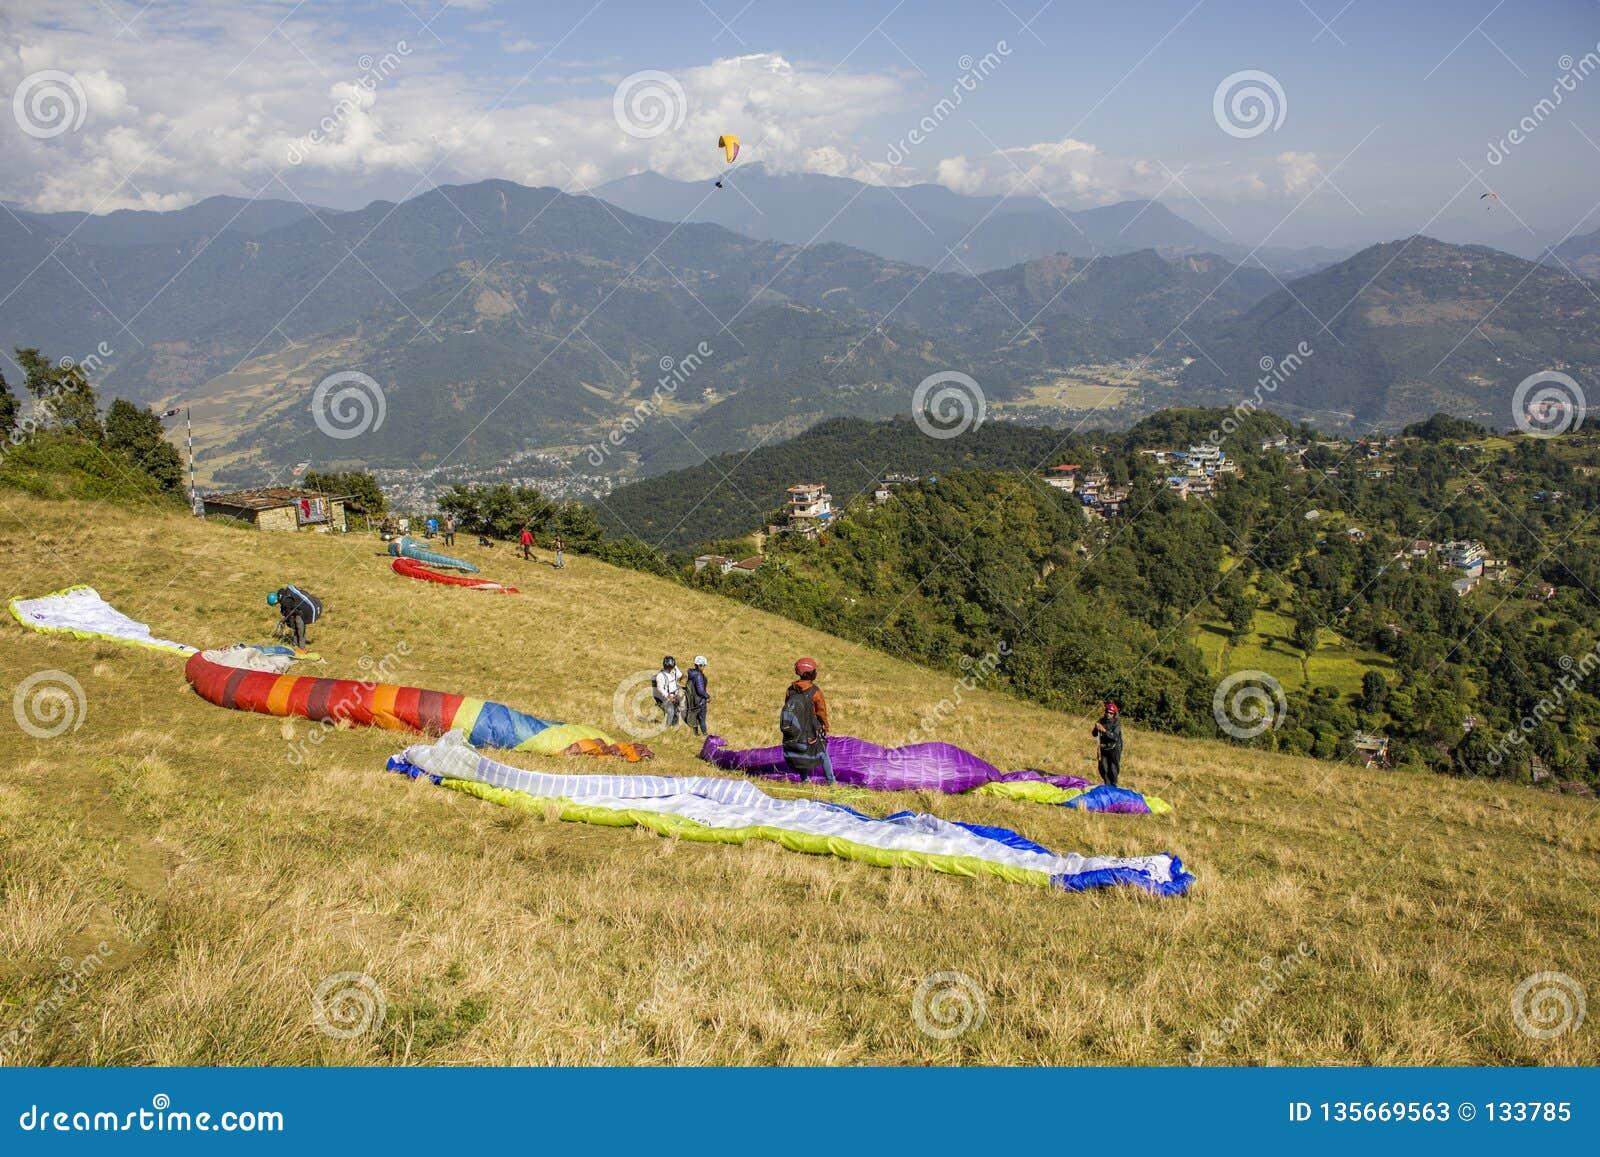 Diversos paragliders na inclinação estão preparando-se para decolar na perspectiva de uma montanha verde